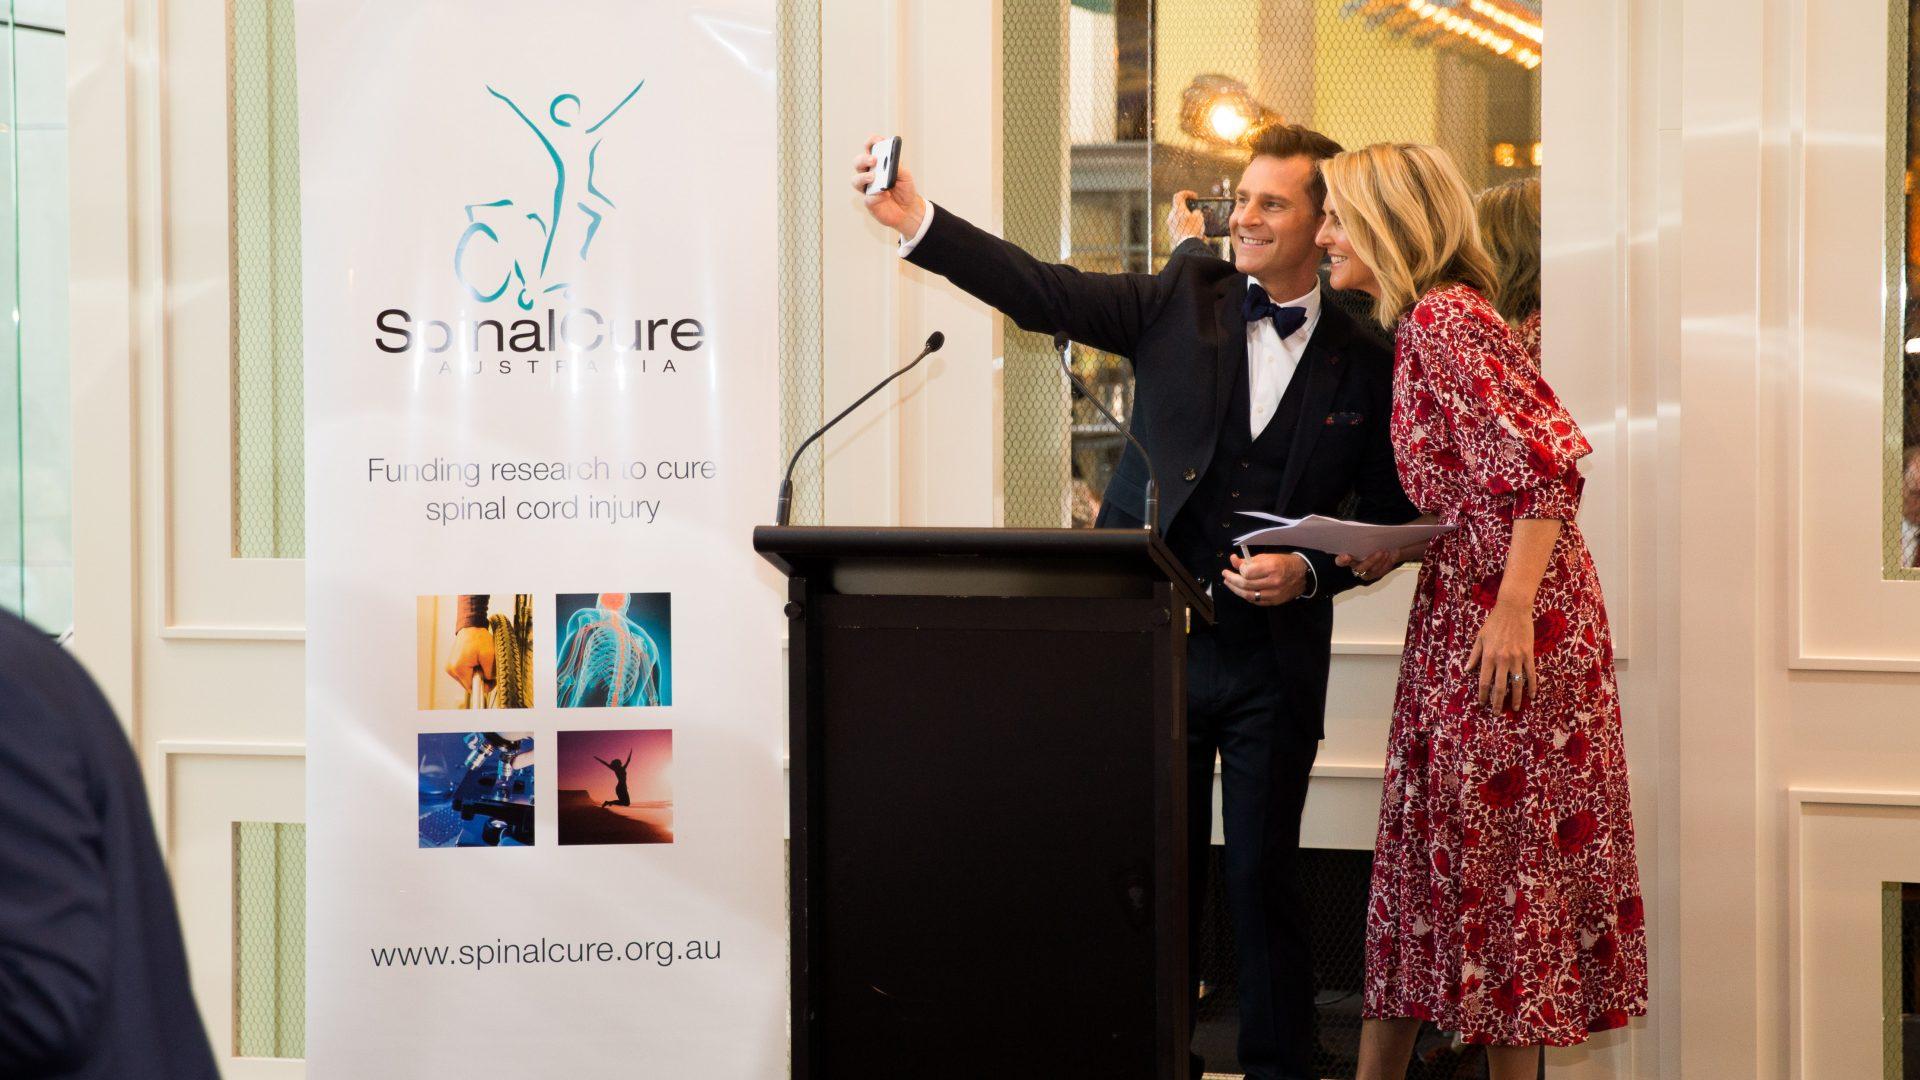 SpinalCure Australia